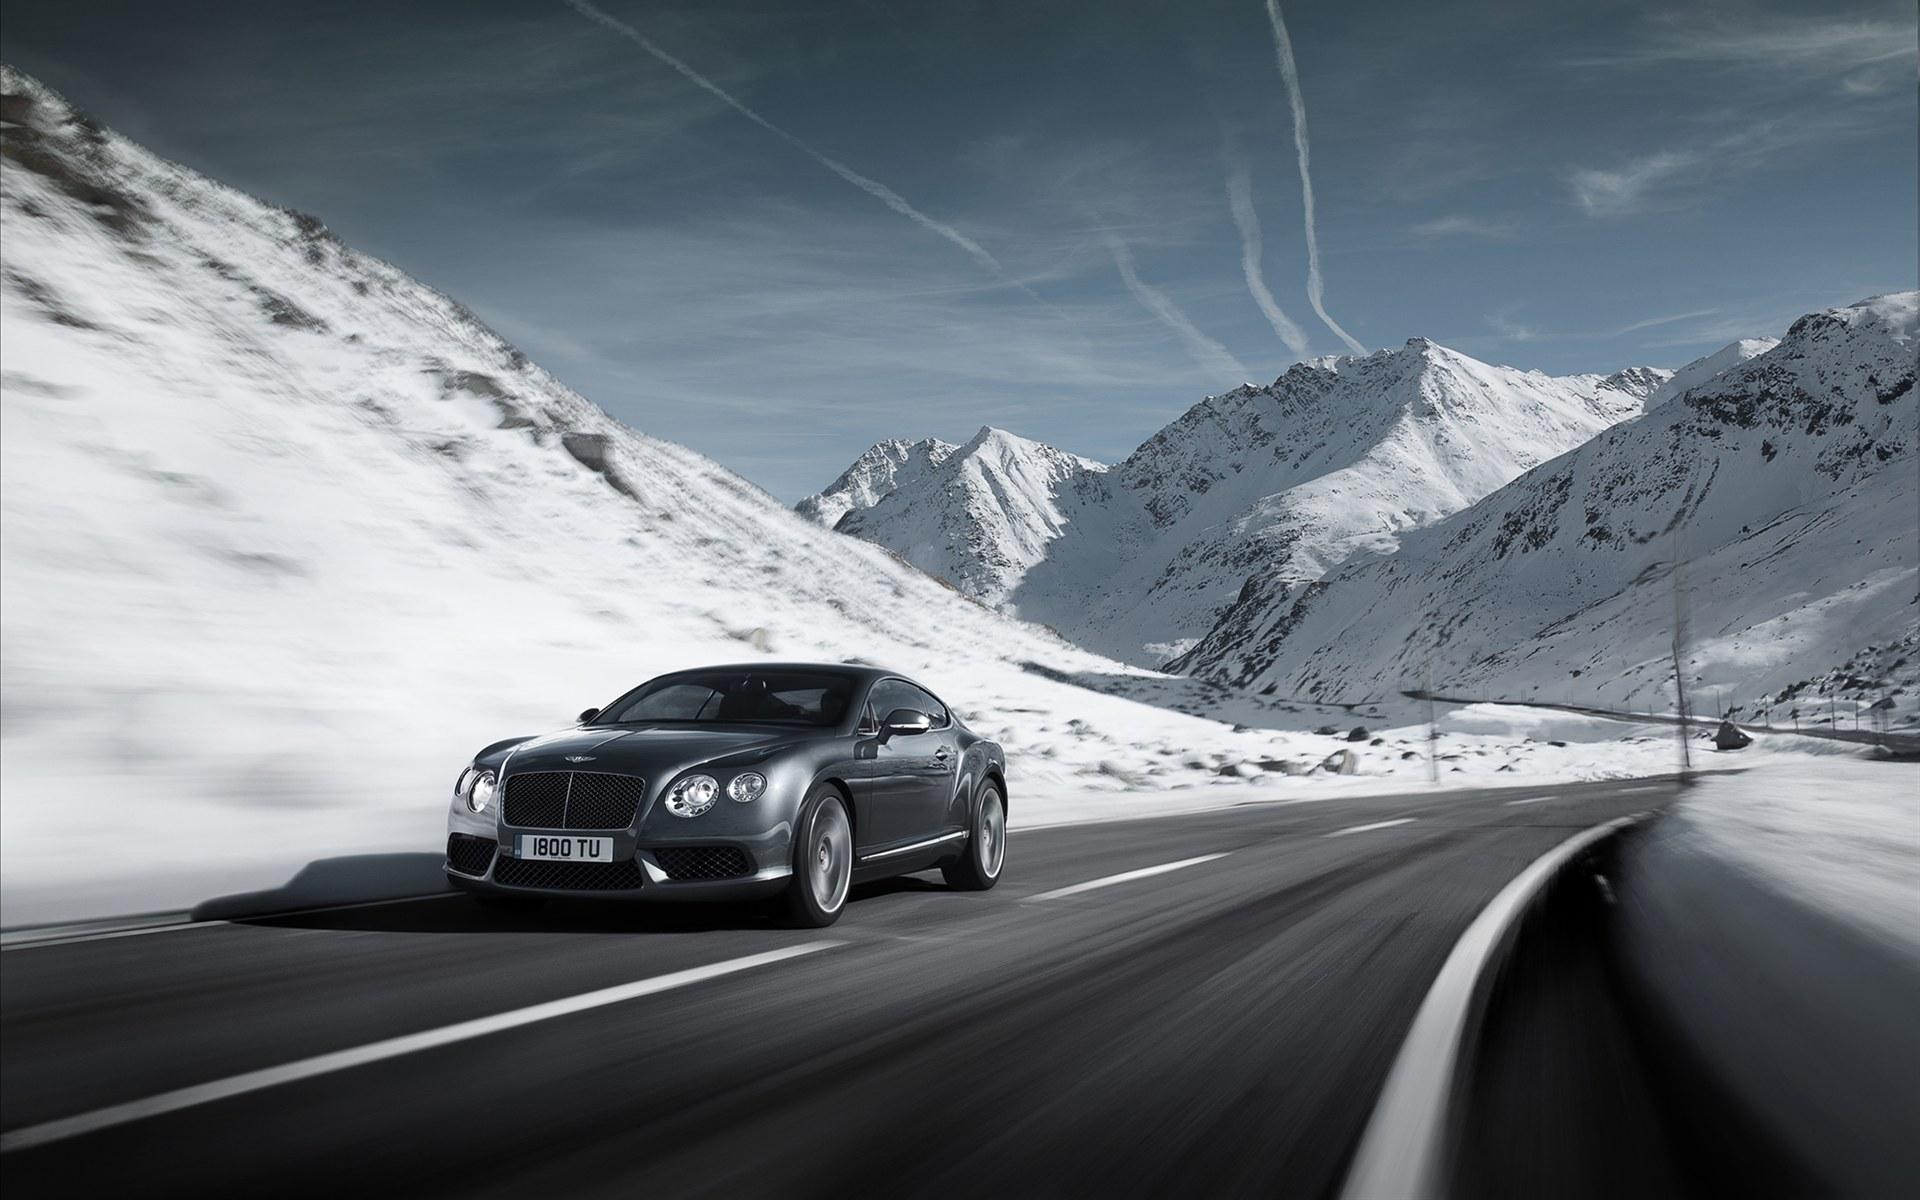 2012 Bentley Continental GT V8 Wallpaper | HD Car ...